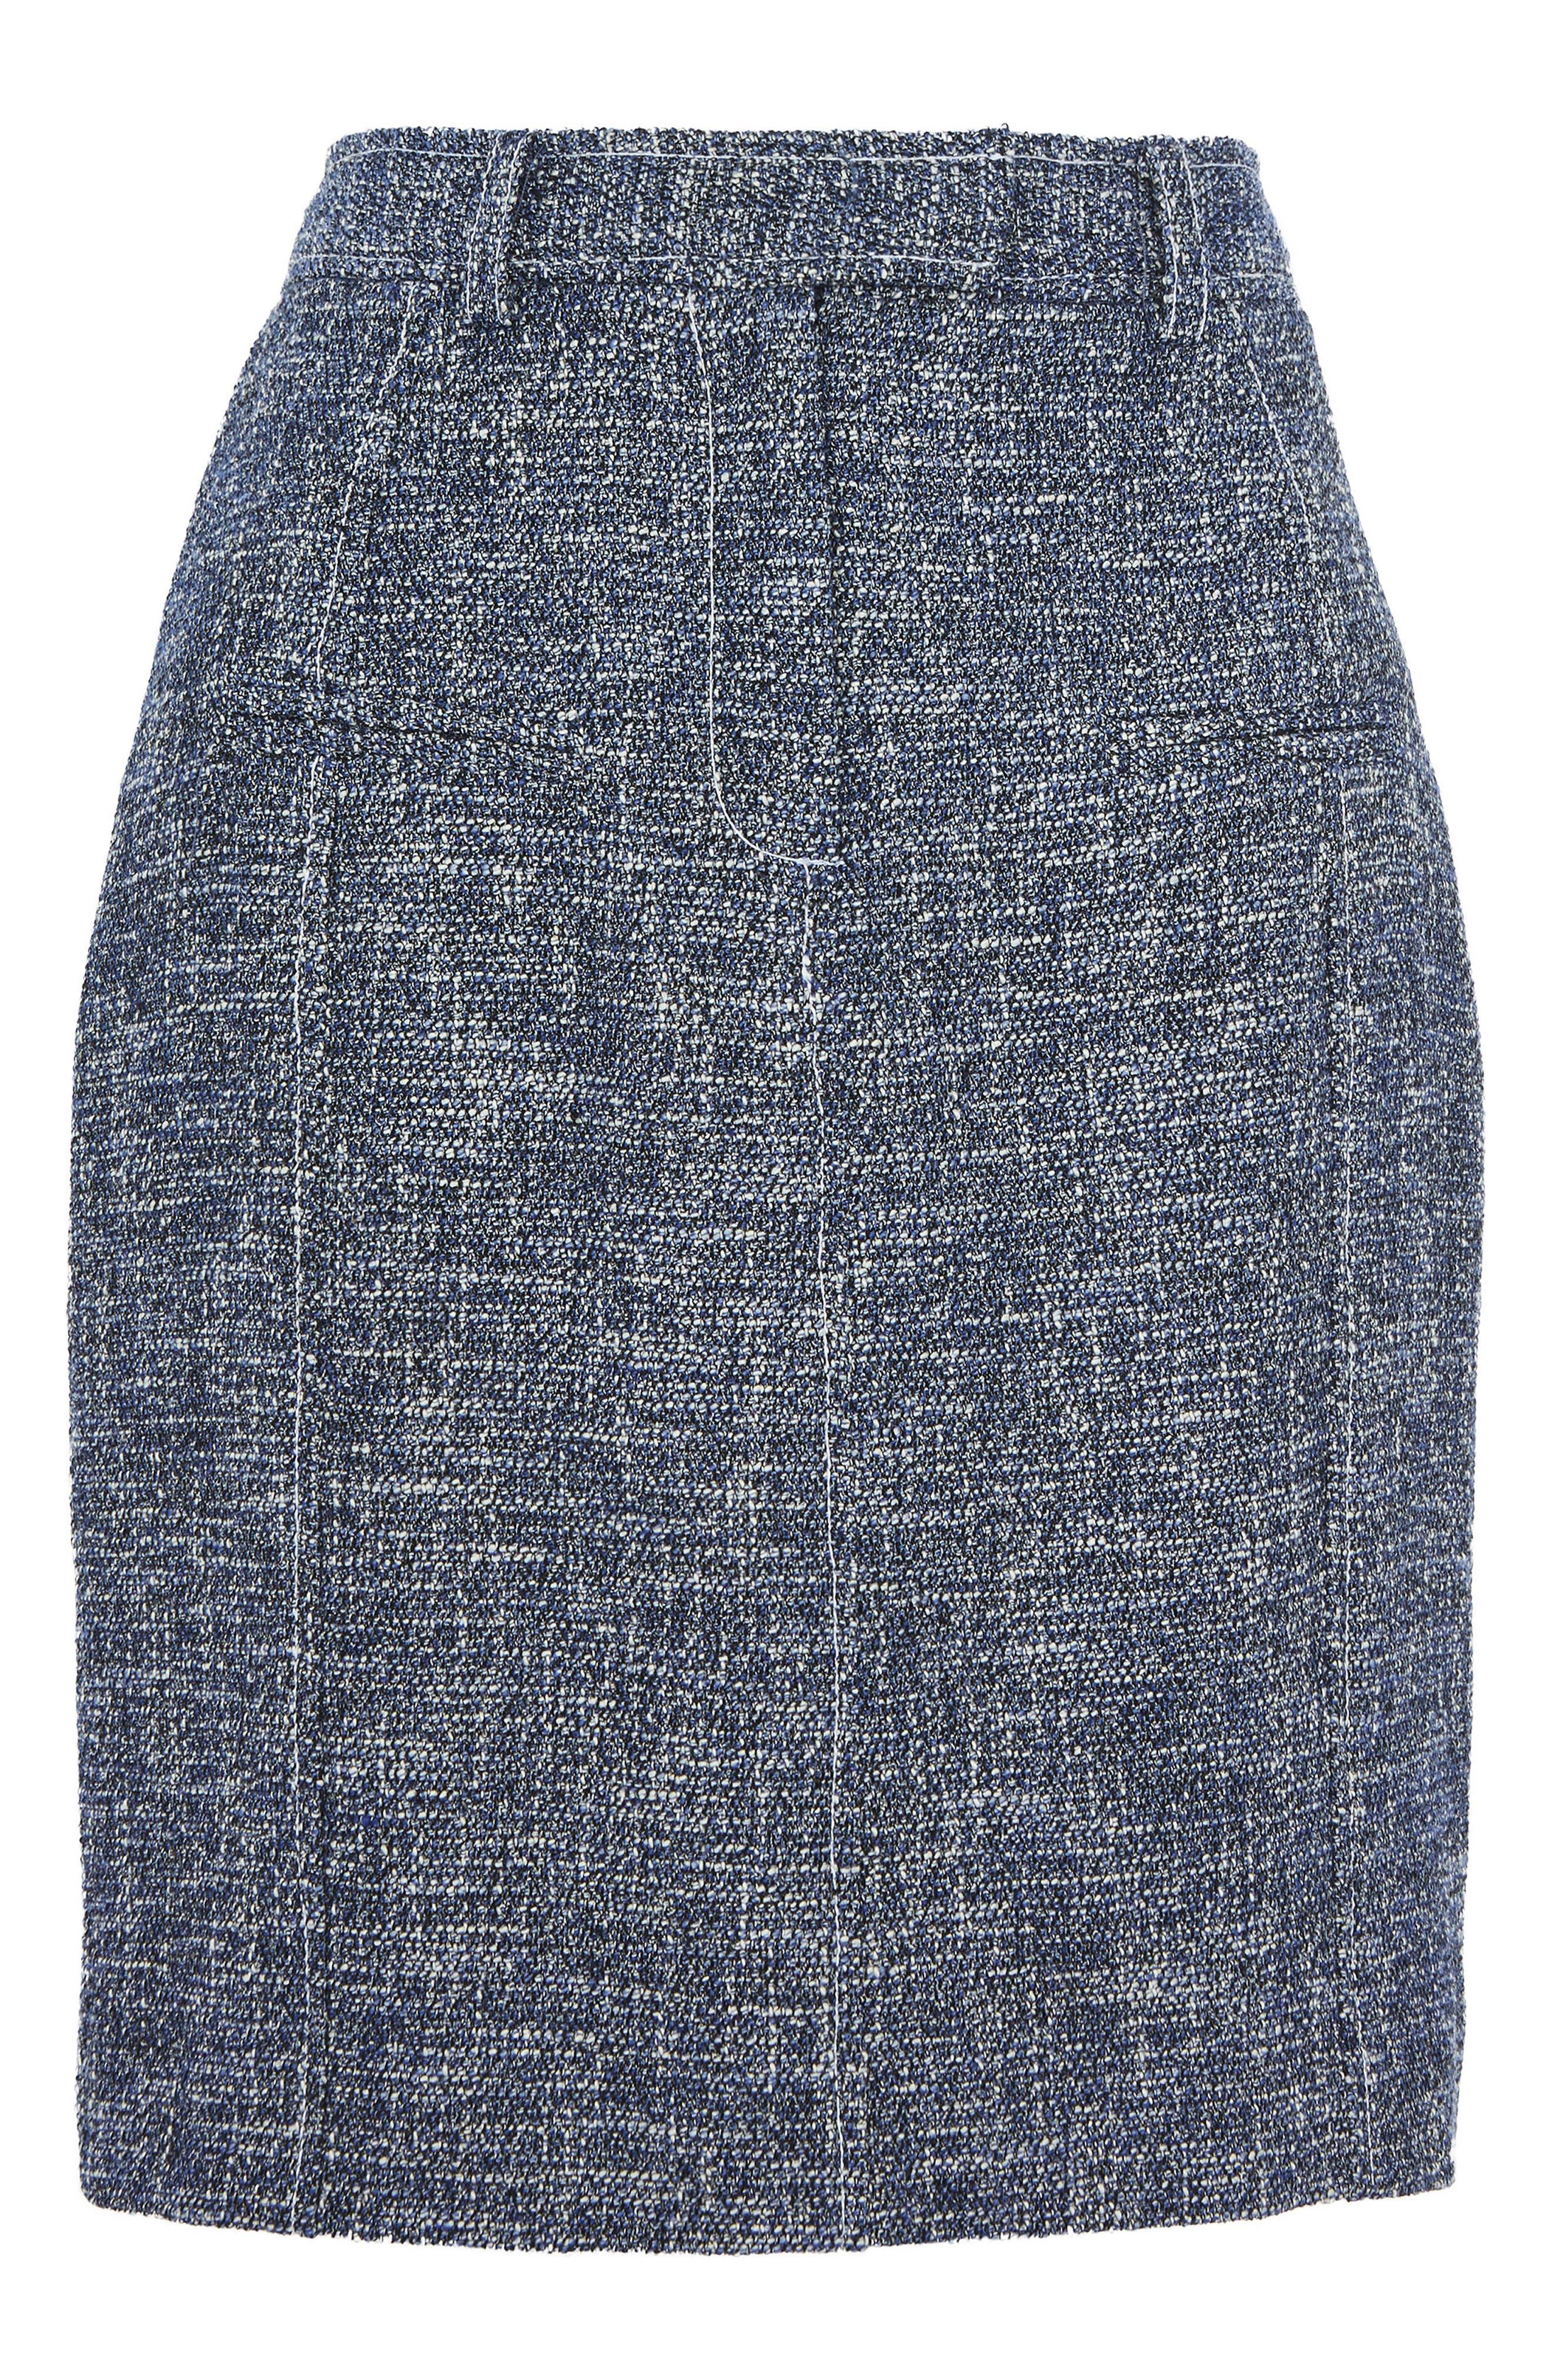 Topshop Bouclé Pencil Skirt